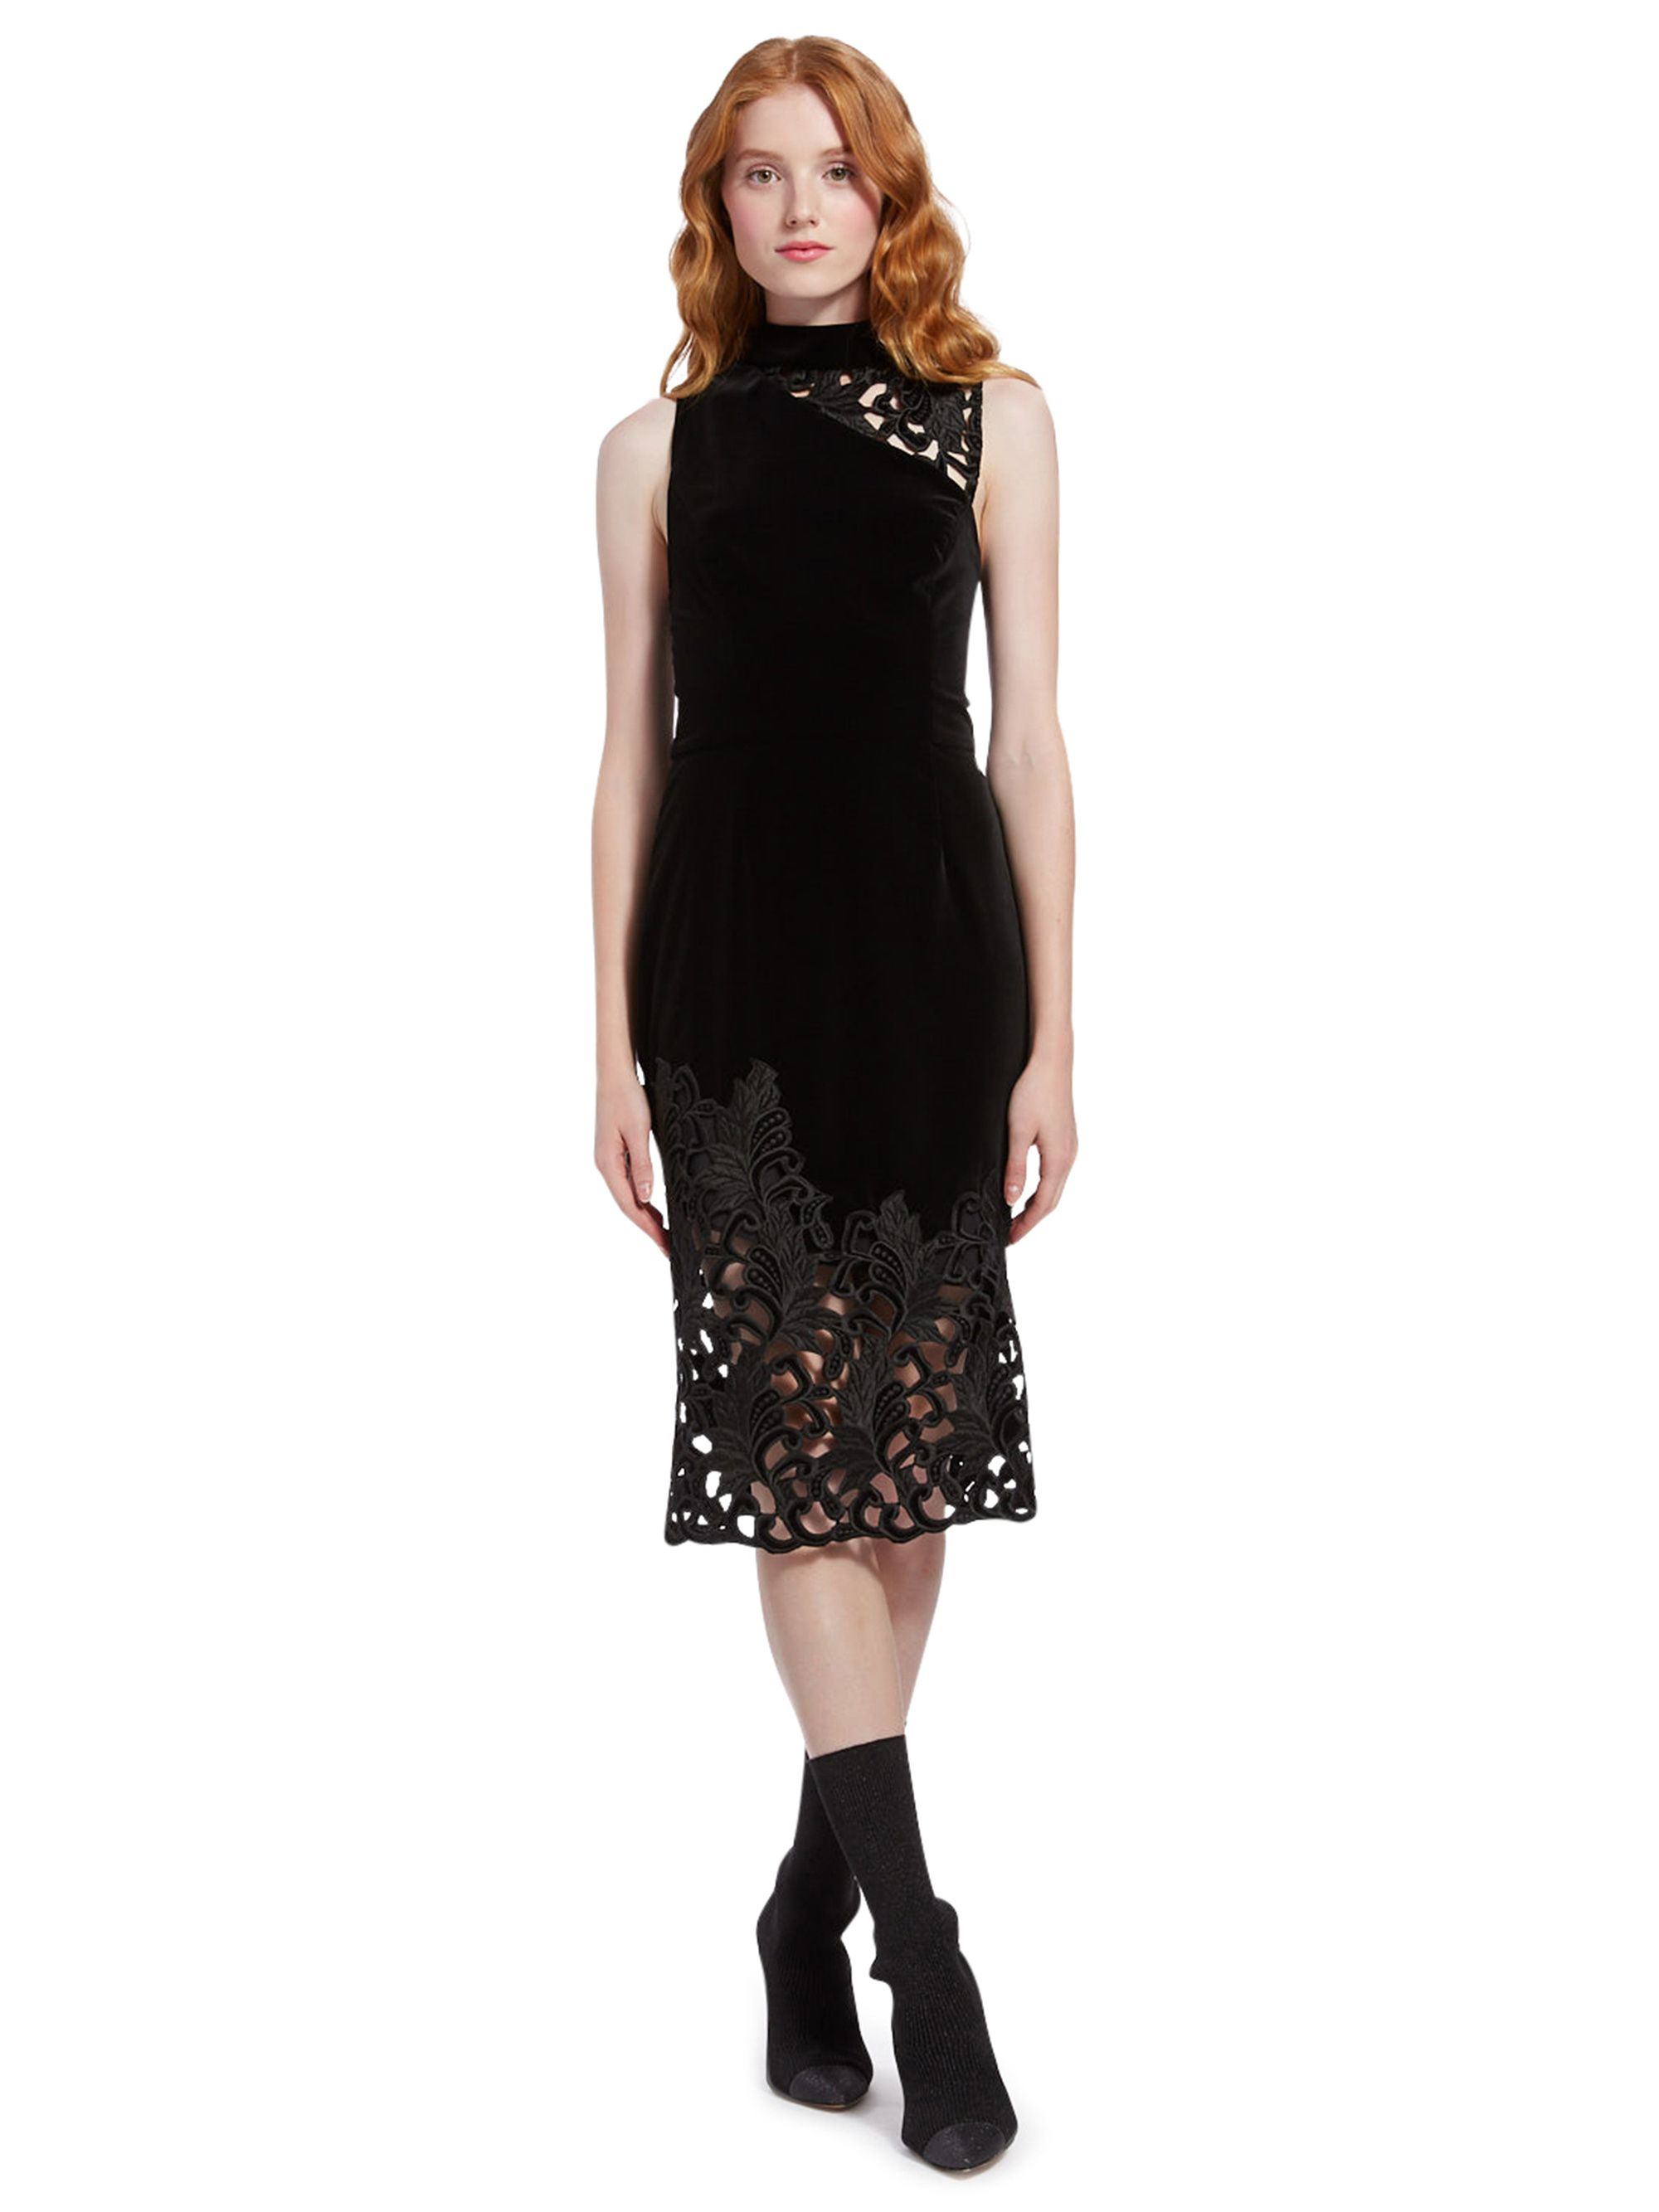 Kiana Velvet Midi Dress By Alice Olivia Velvet Midi Dress Stretch Midi Dress Designer Outfits Woman [ 2667 x 2000 Pixel ]